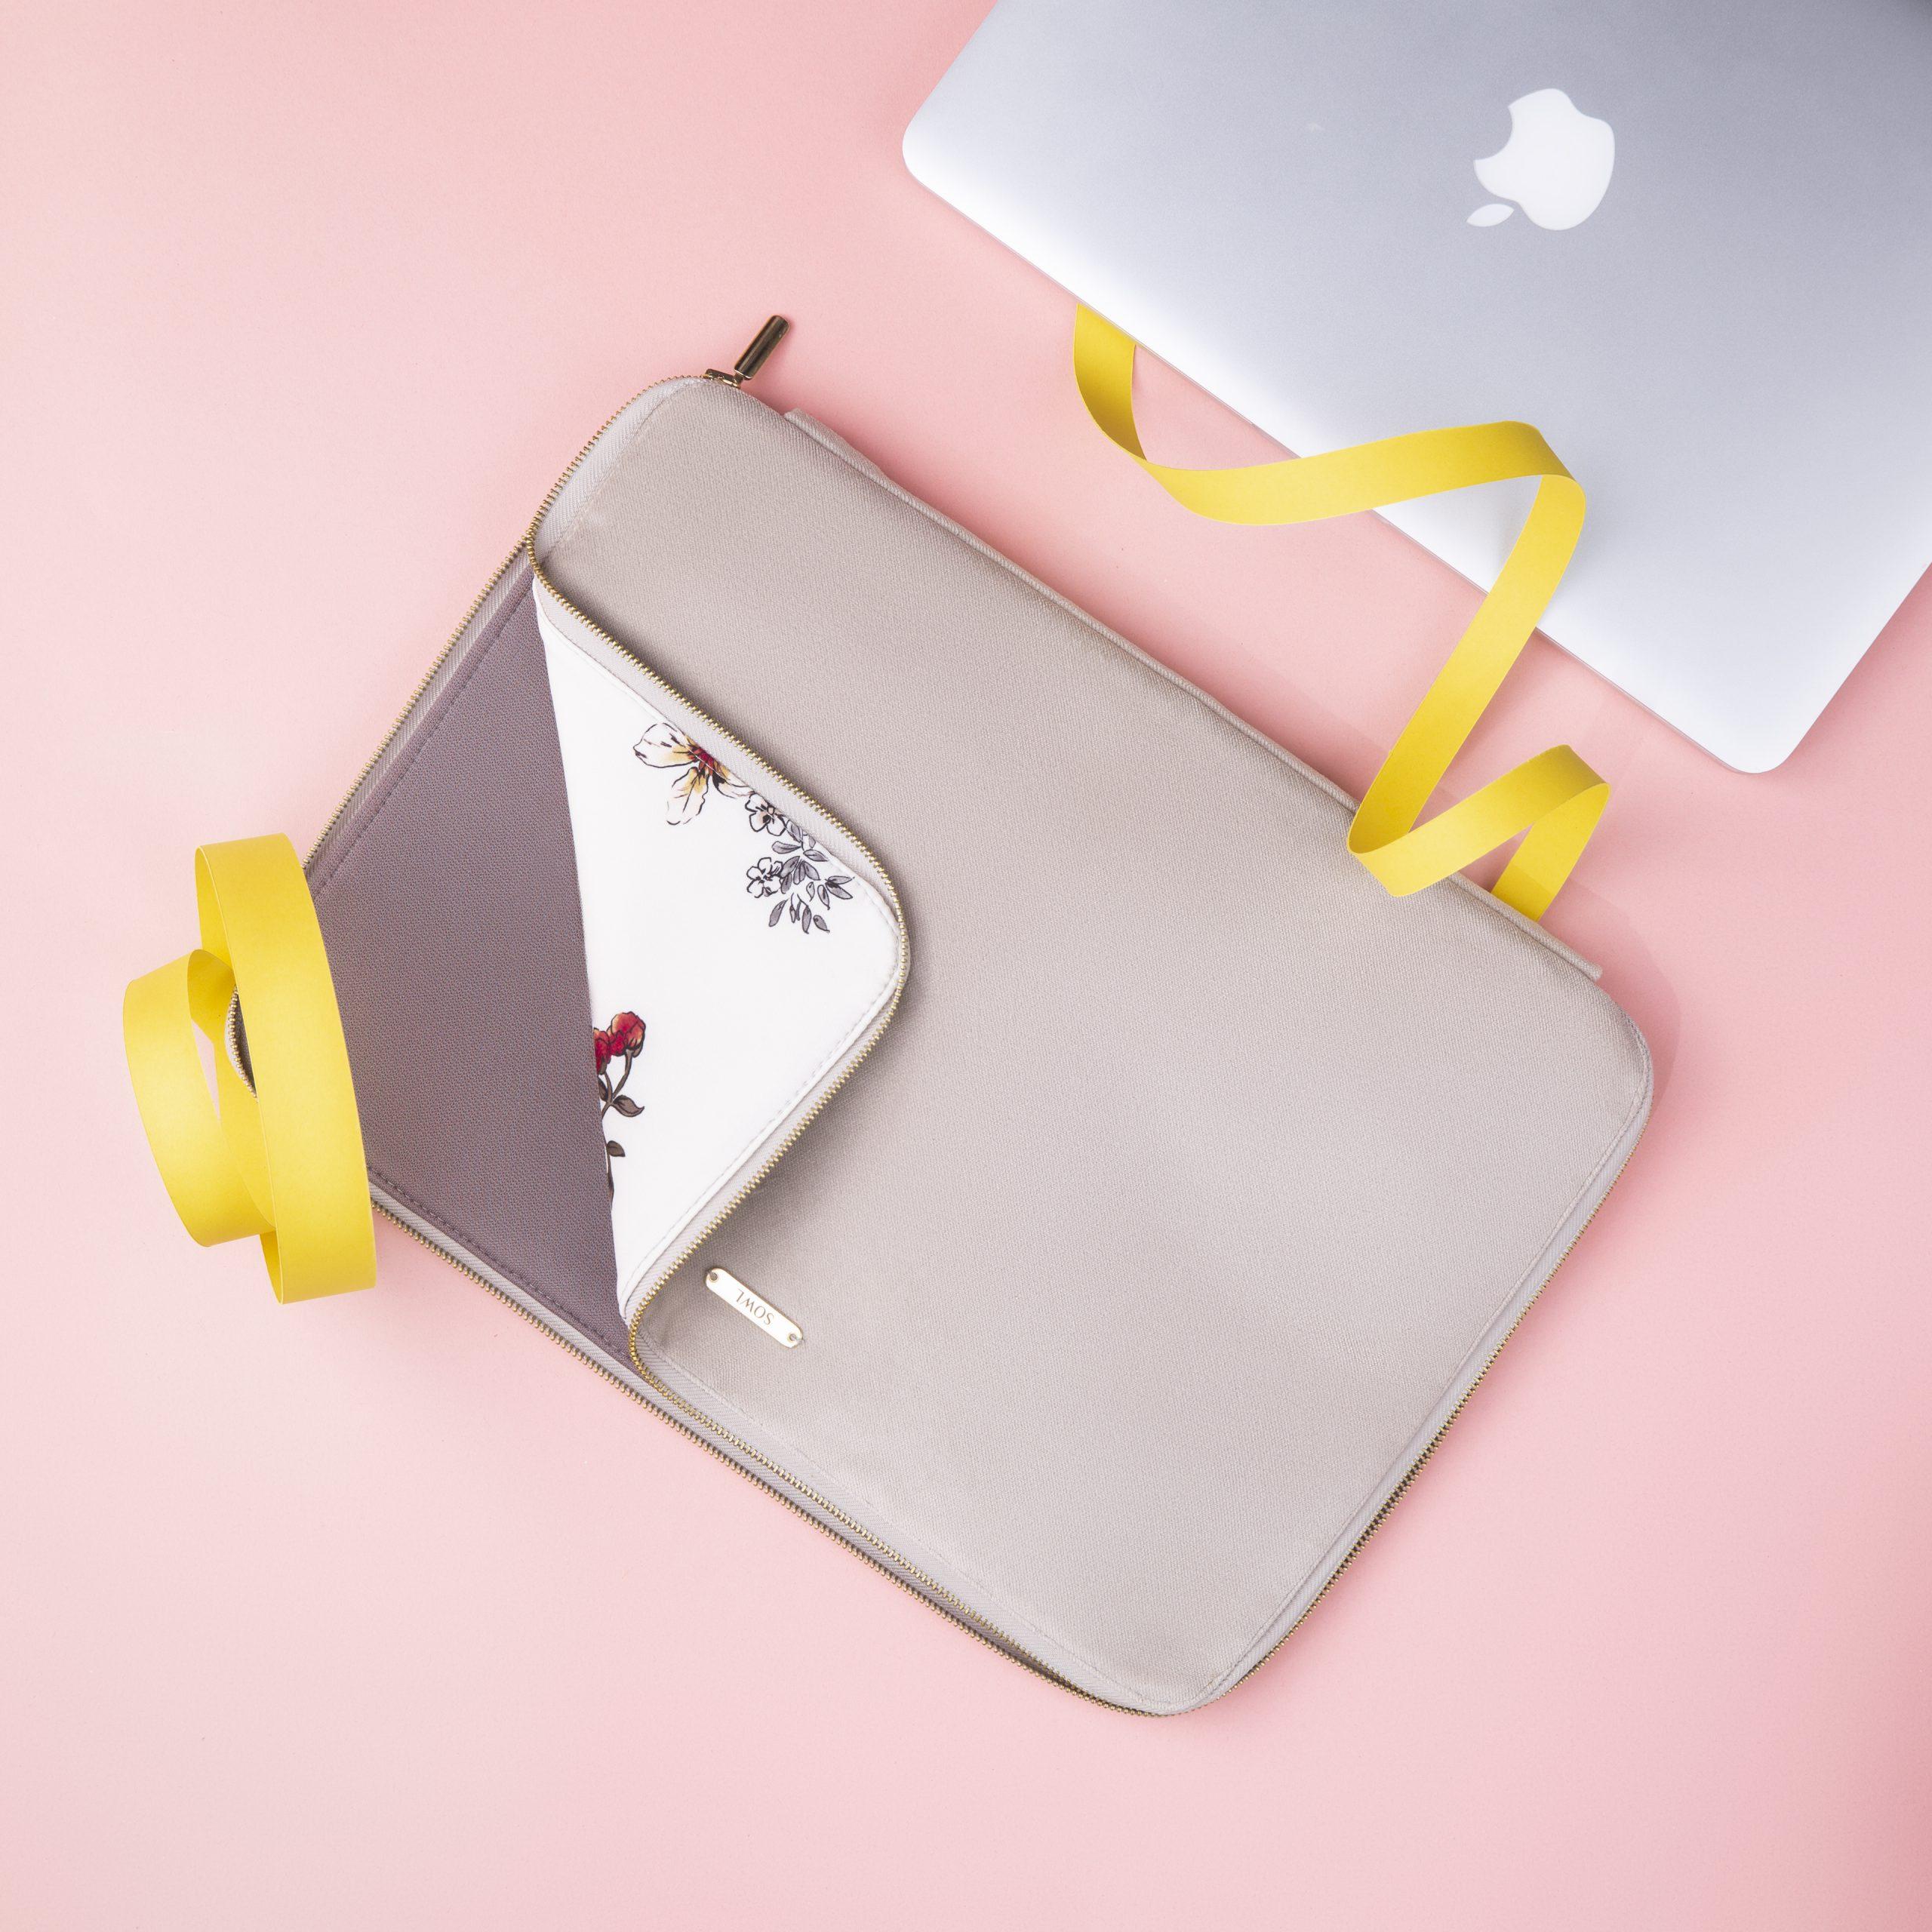 Zdjęcia w minimalistycznej stylizacji dla Sowl i Washala